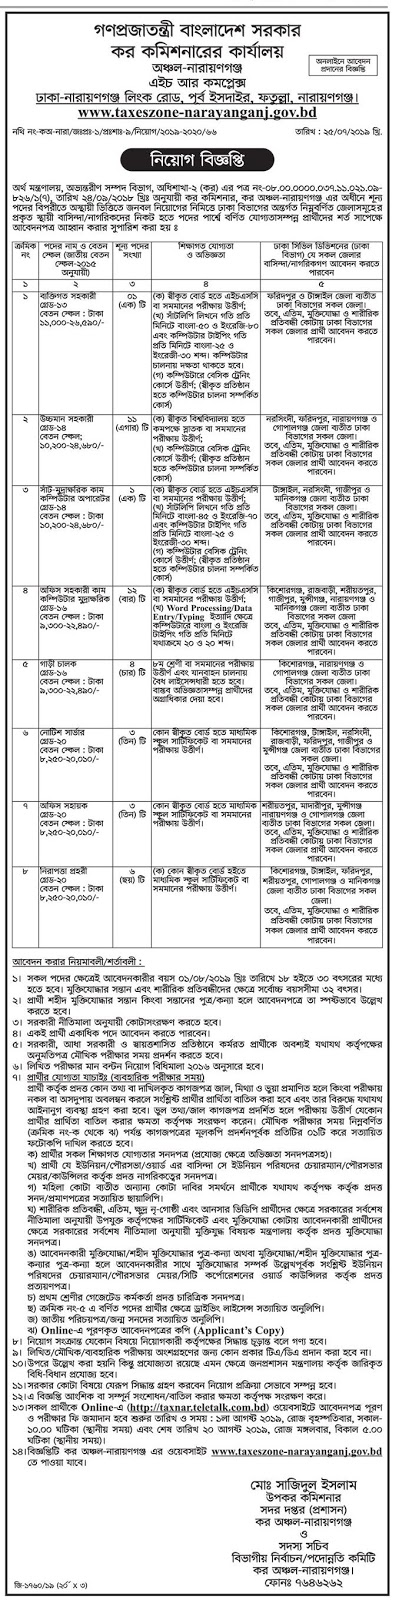 TAXNAR/Narayanganj Tax Zone Job Circular